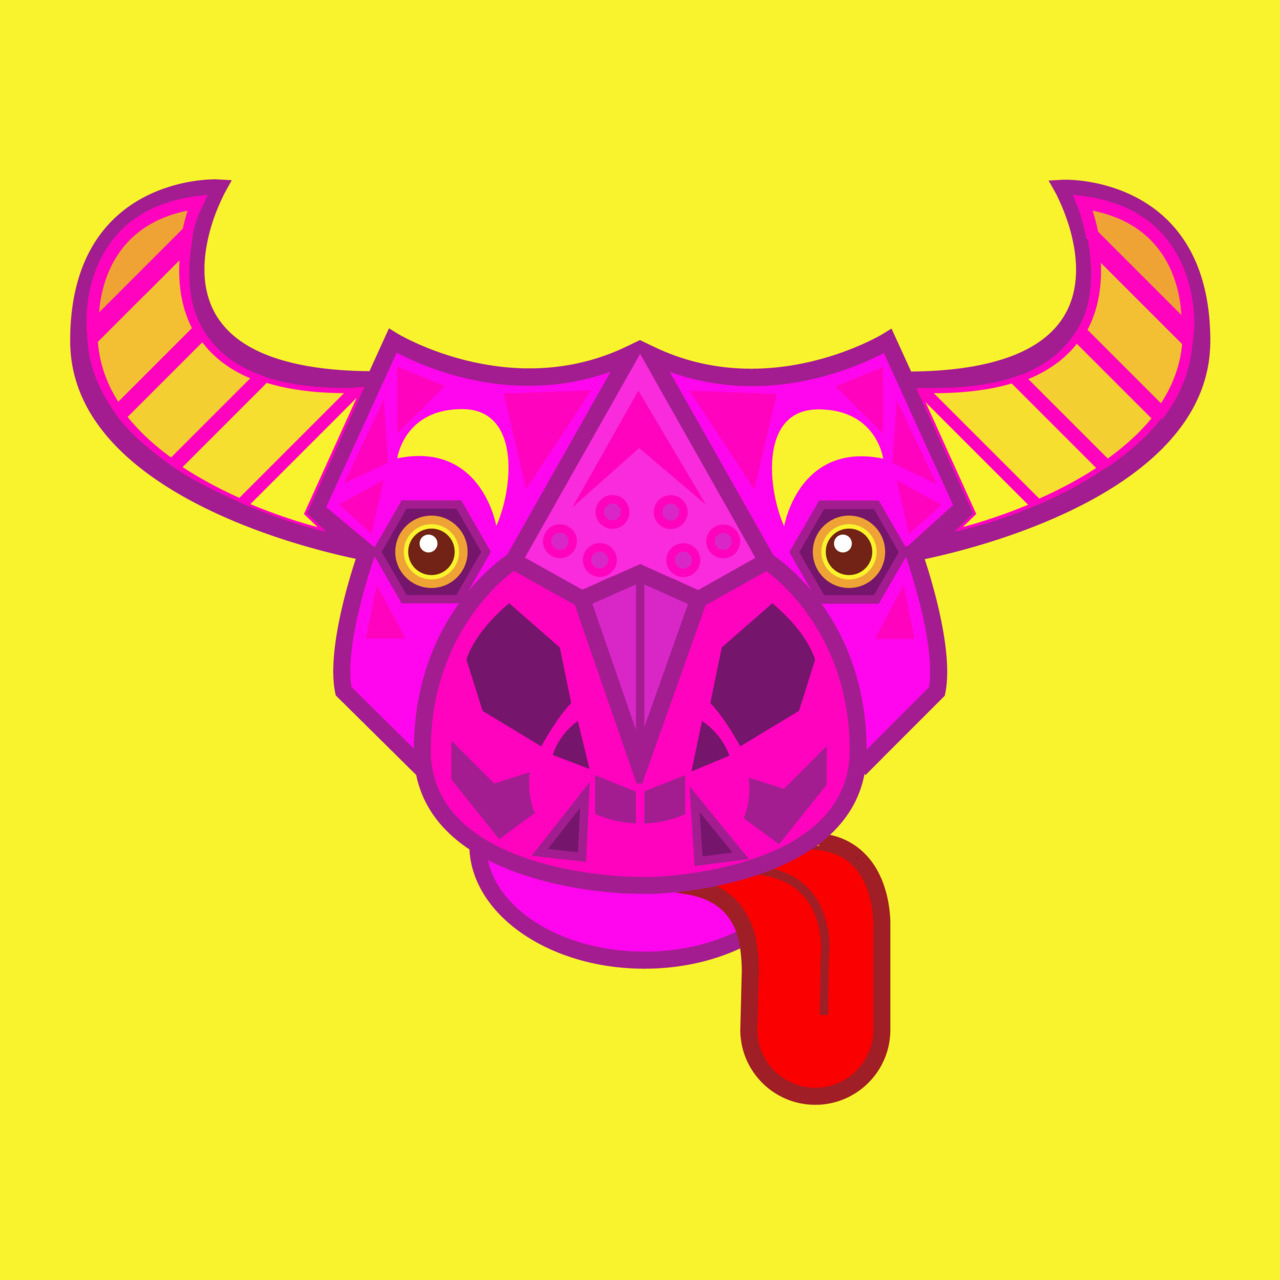 Day 19: Bull